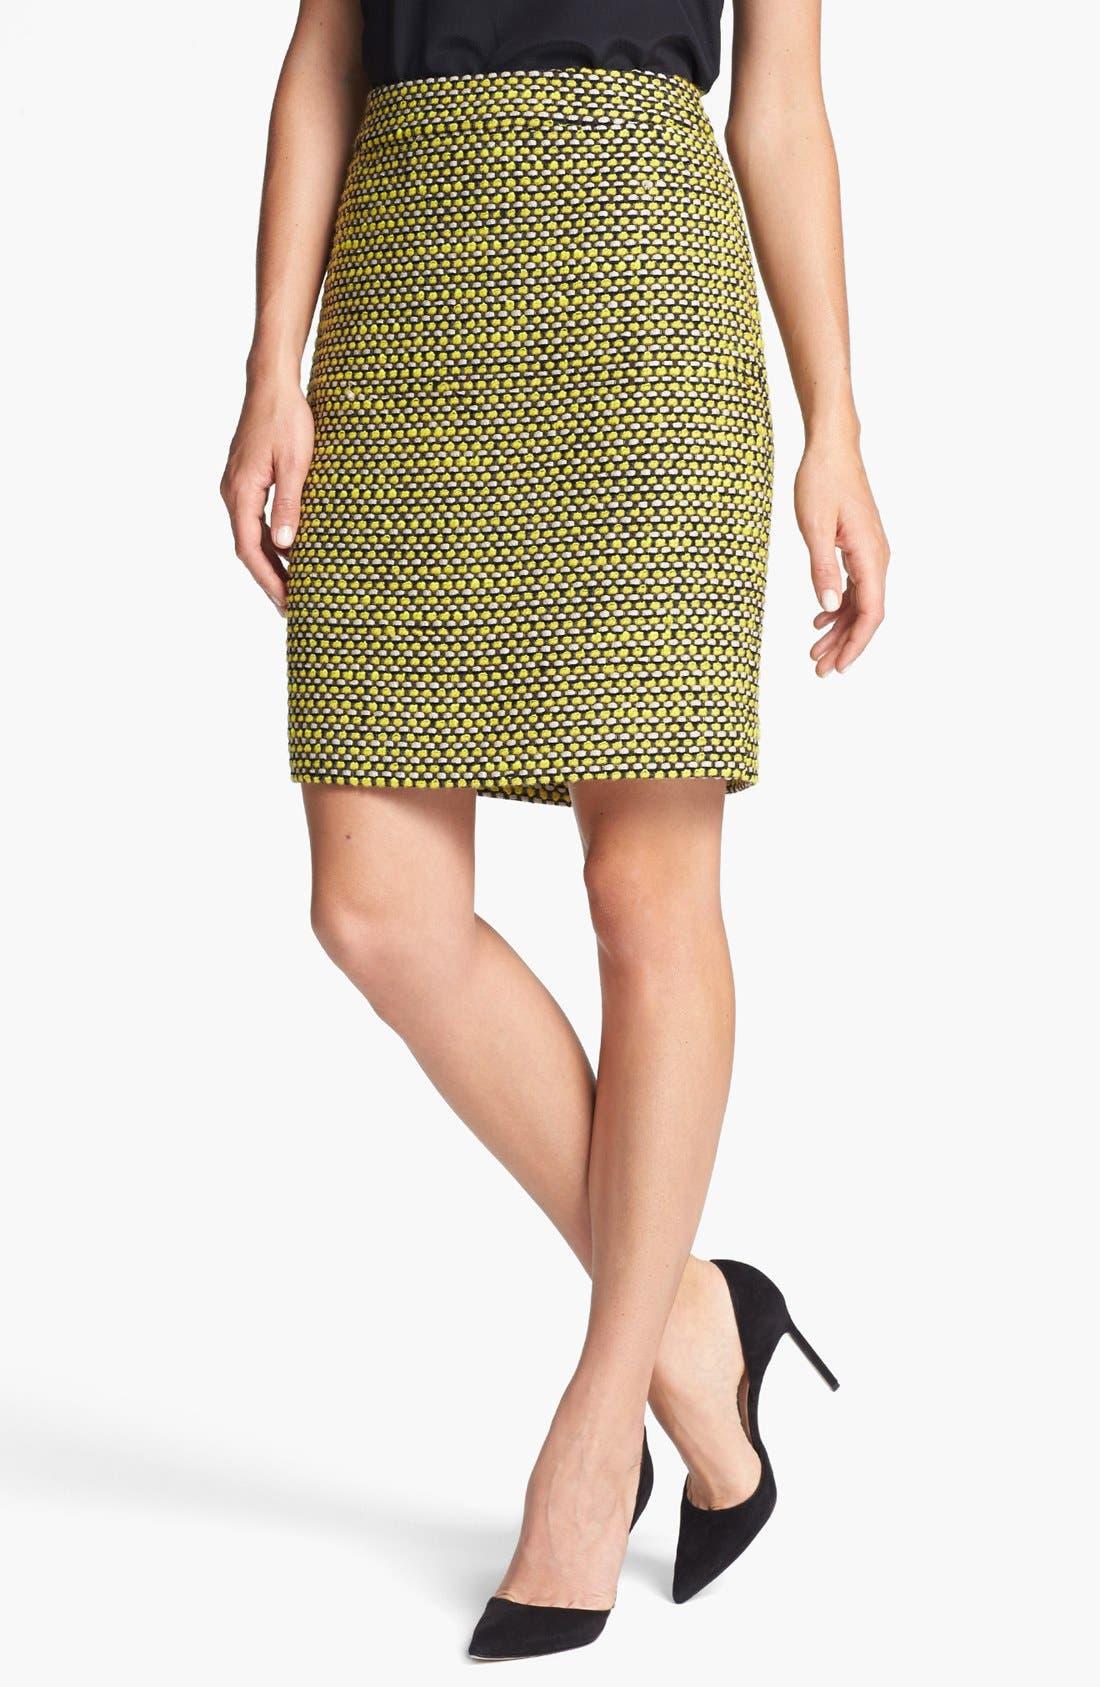 Alternate Image 1 Selected - kate spade new york 'judy' tweed skirt